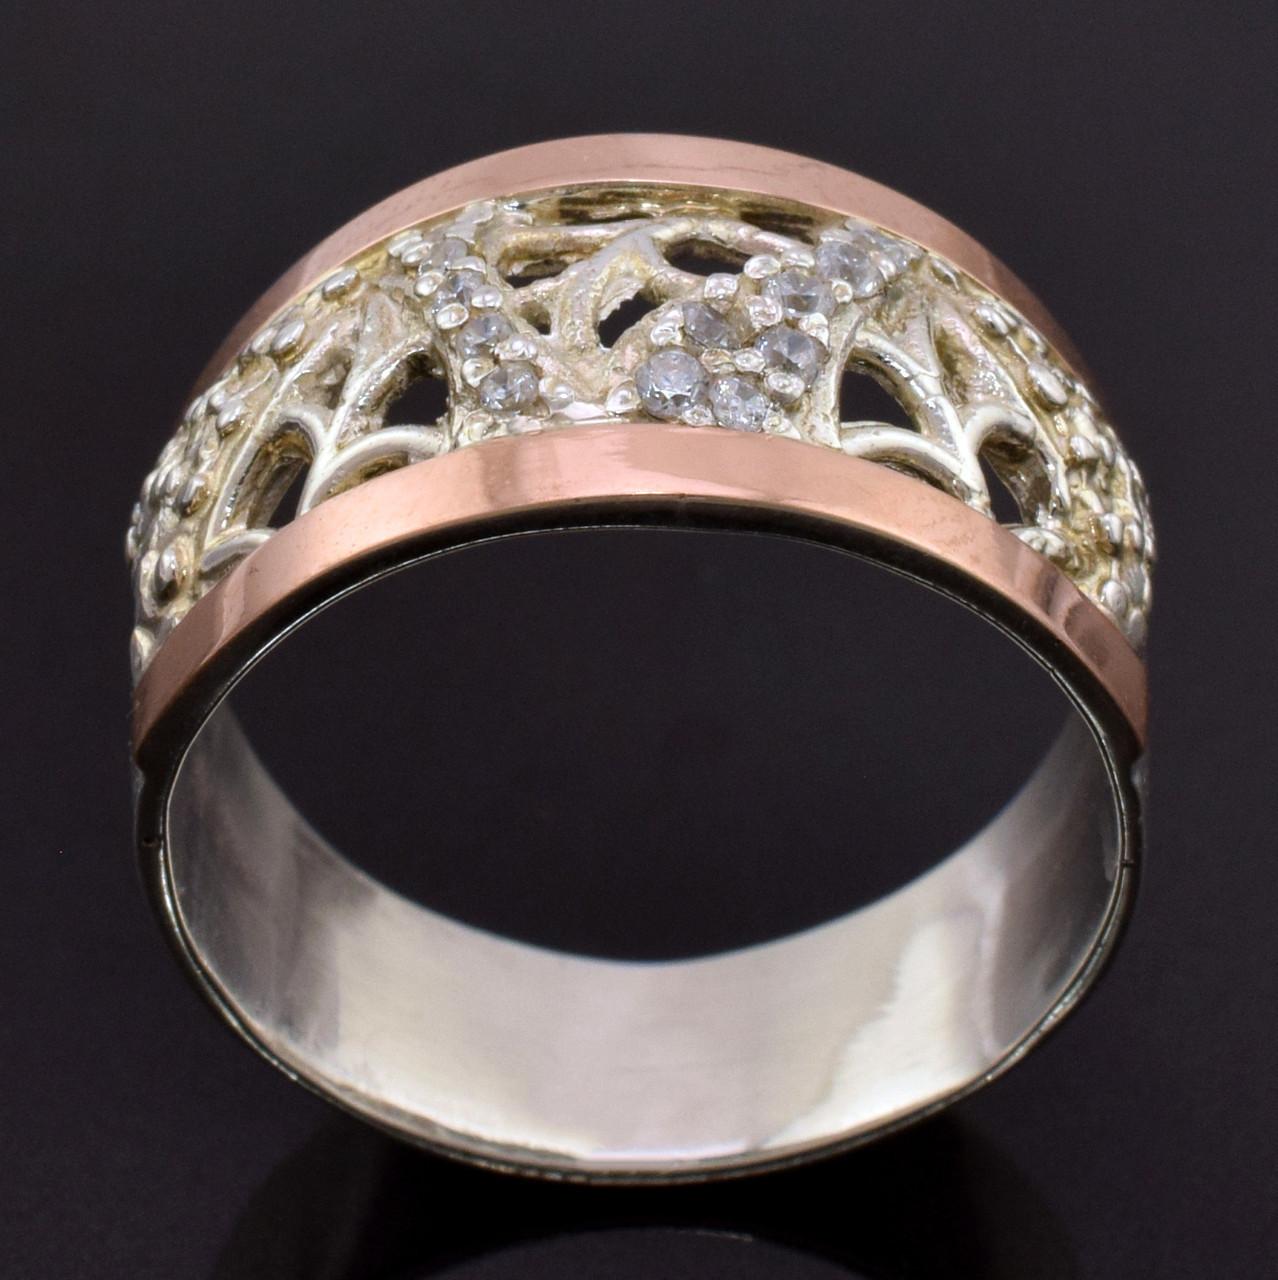 Серебряное кольцо с золотом Лоза вставка белые фианиты вес 5.0 г размер 17.5